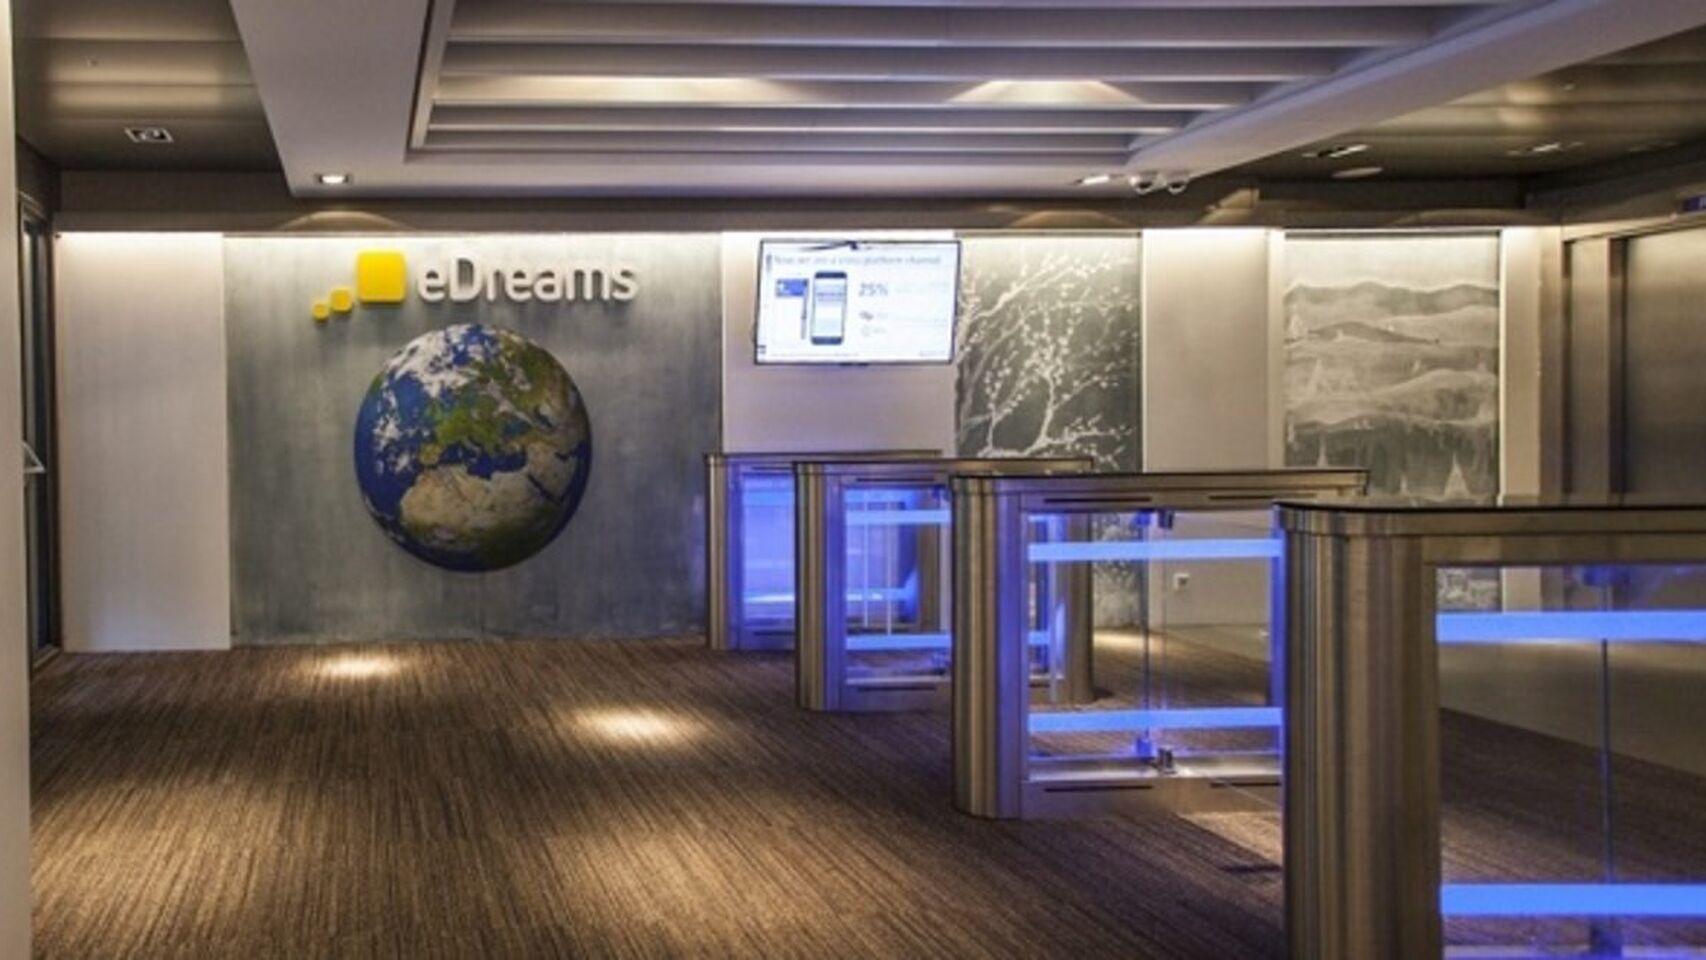 Los viajes se contratan por internet: eDreams ganó 29,4 millones en los nueve primeros meses de su ejercicio fiscal, frente a las pérdidas de 9,4 millones del año anterior